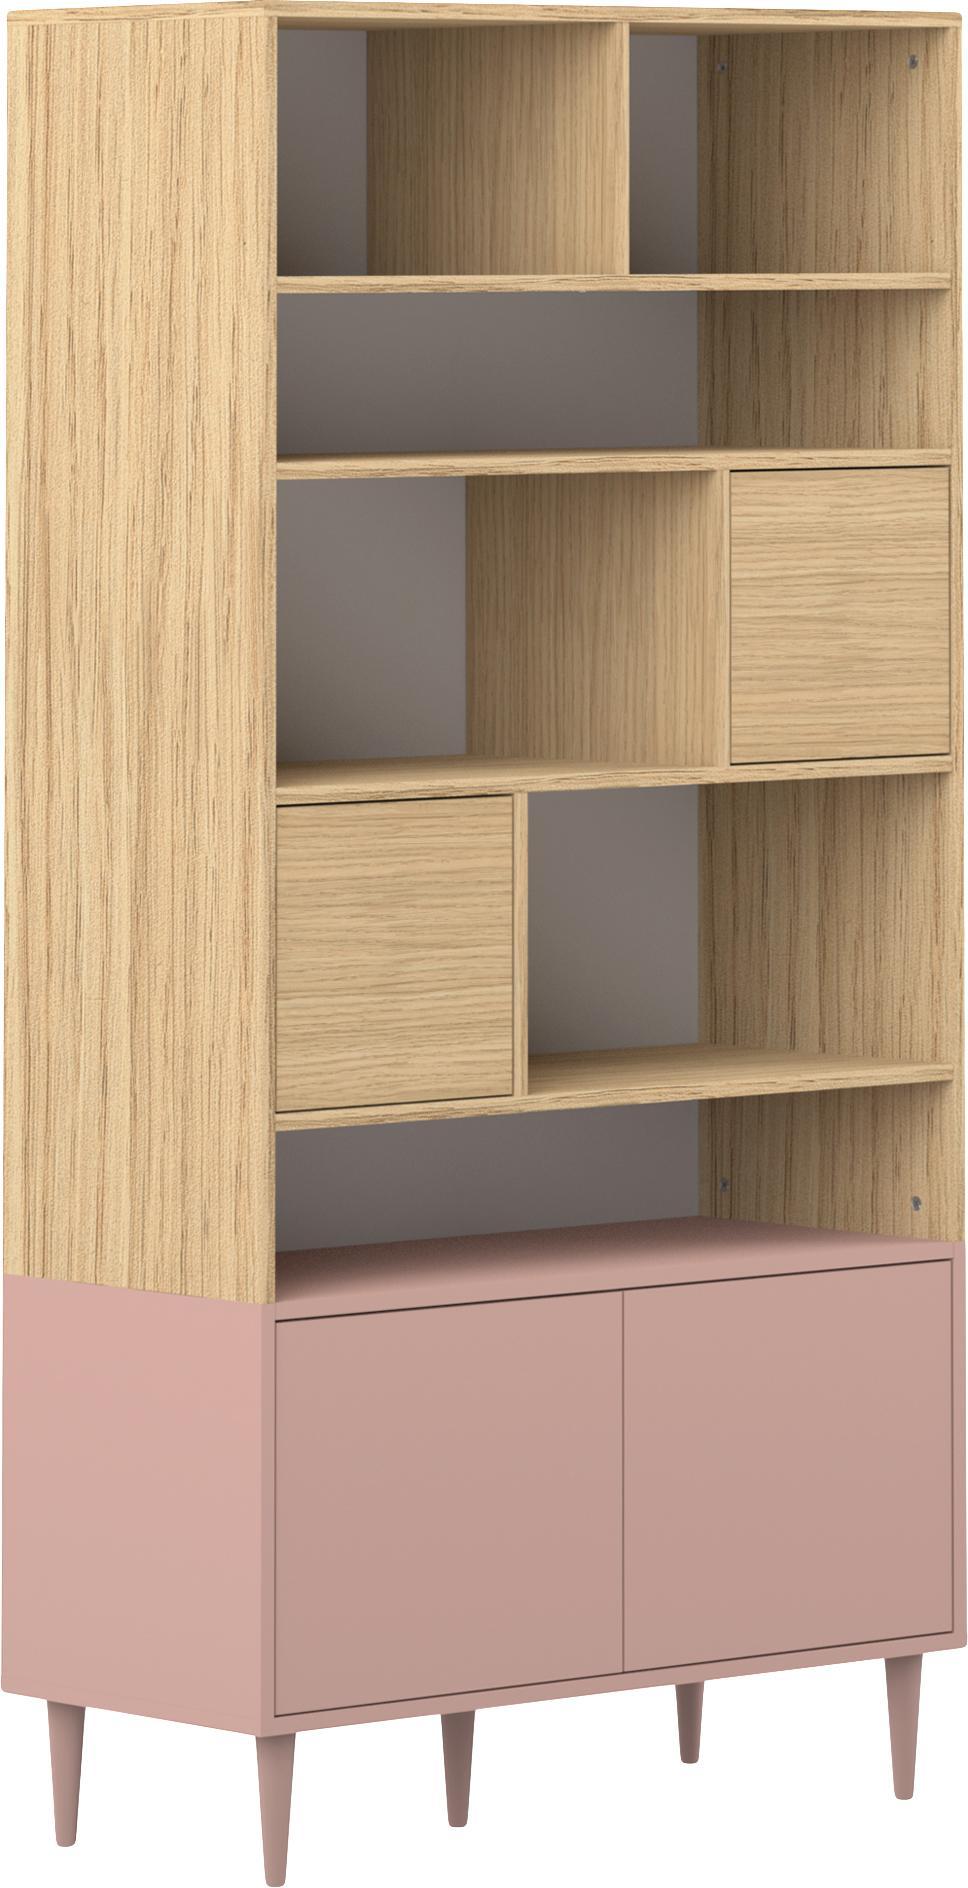 Standregal Horizon im Skandi Design, Korpus: Spanplatte, melaminbeschi, Eichenholz, Altrosa, 90 x 180 cm